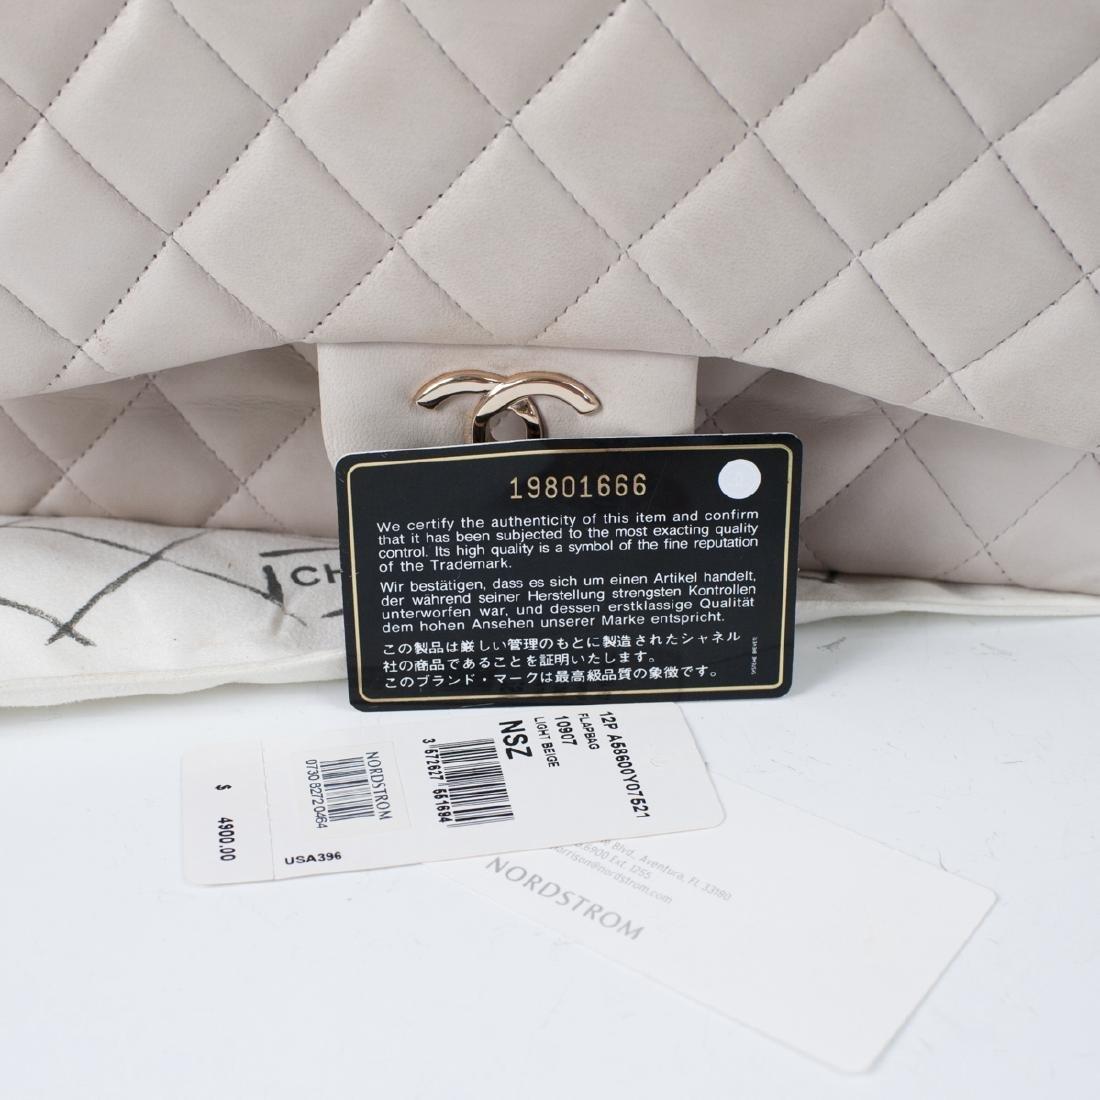 Chanel Light Beige Calfskin Flap Bag - 3